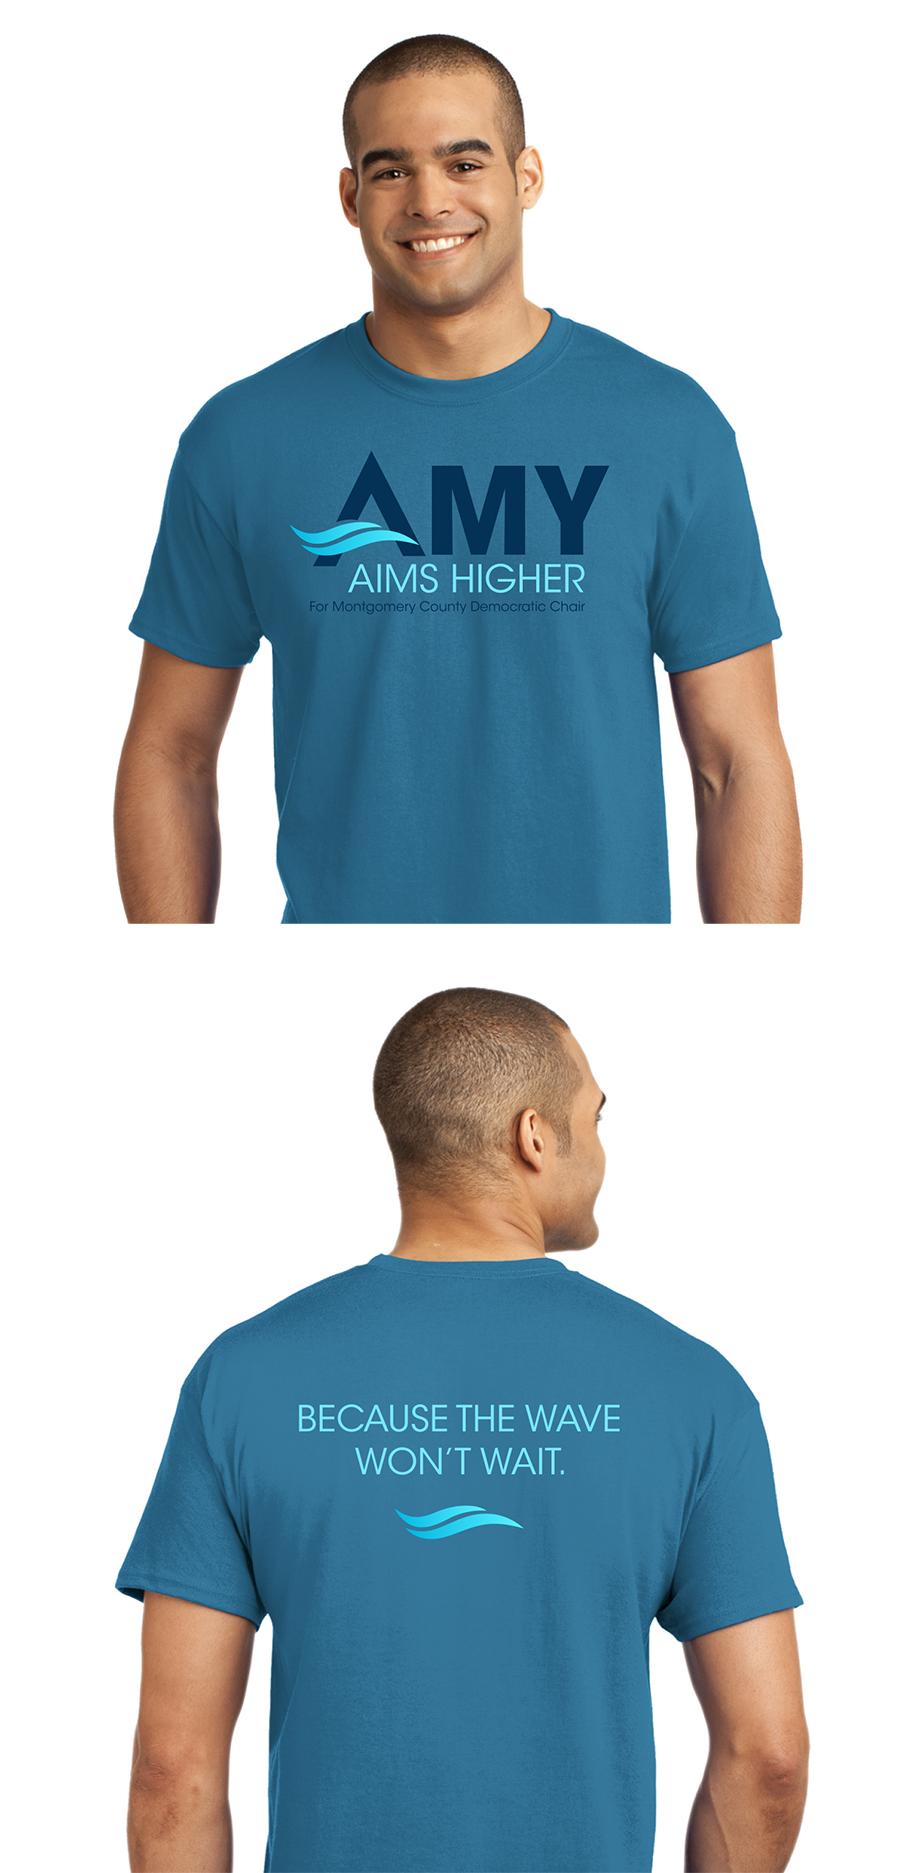 Amy Aims Higher Shirt